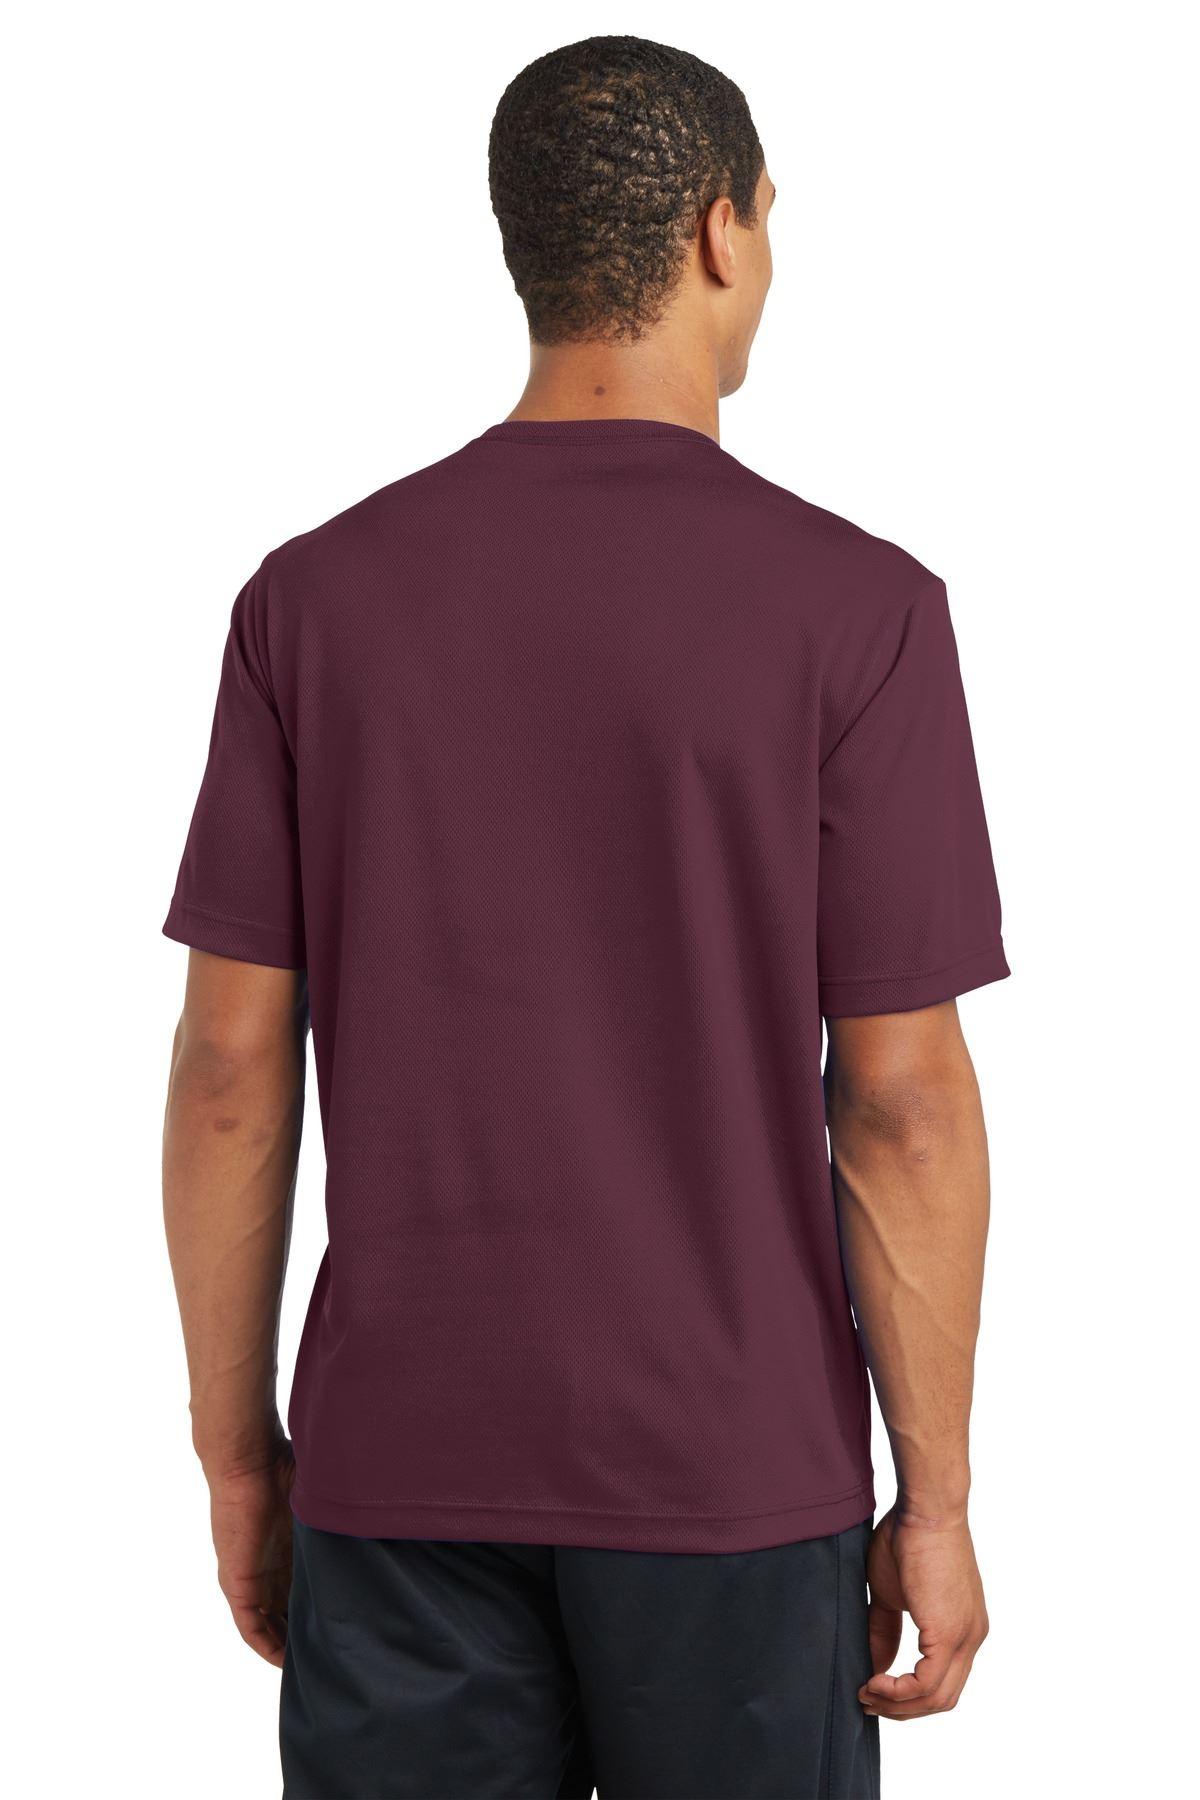 thumbnail 18 - Sport-Tek Men's Dry-Fit RacerMesh Moisture Wicking T-Shirt M-ST340